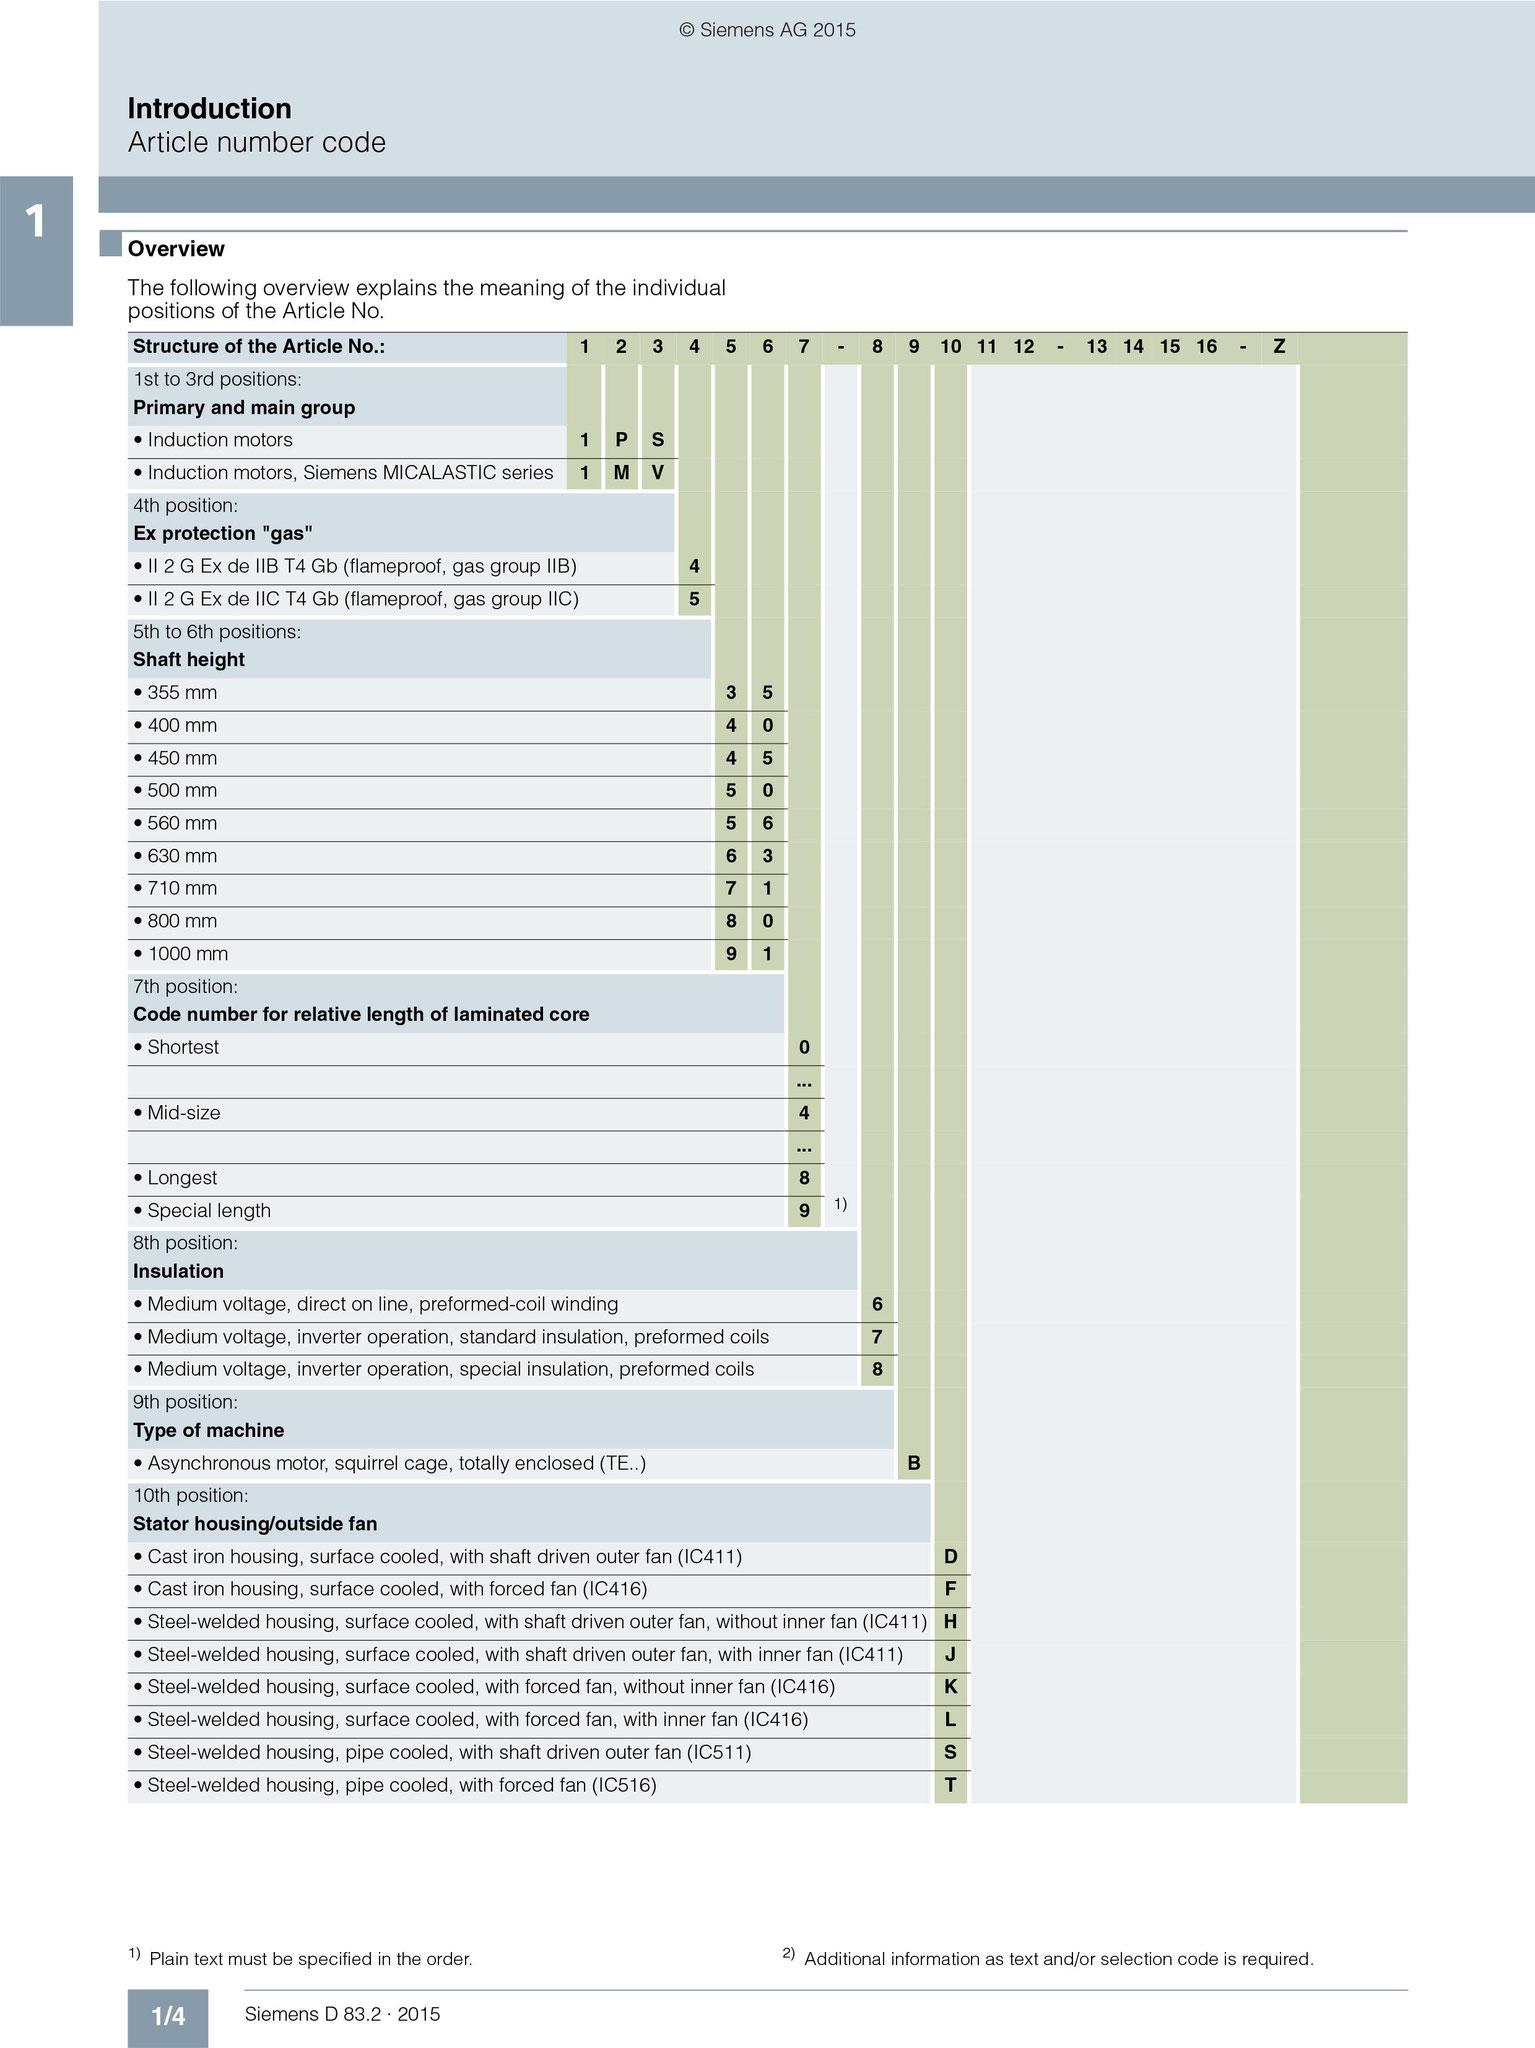 Siemens Katalog (D 83.2): Artikelnummernschlüssel Übersicht © Siemens AG 2019, Alle Rechte vorbehalten